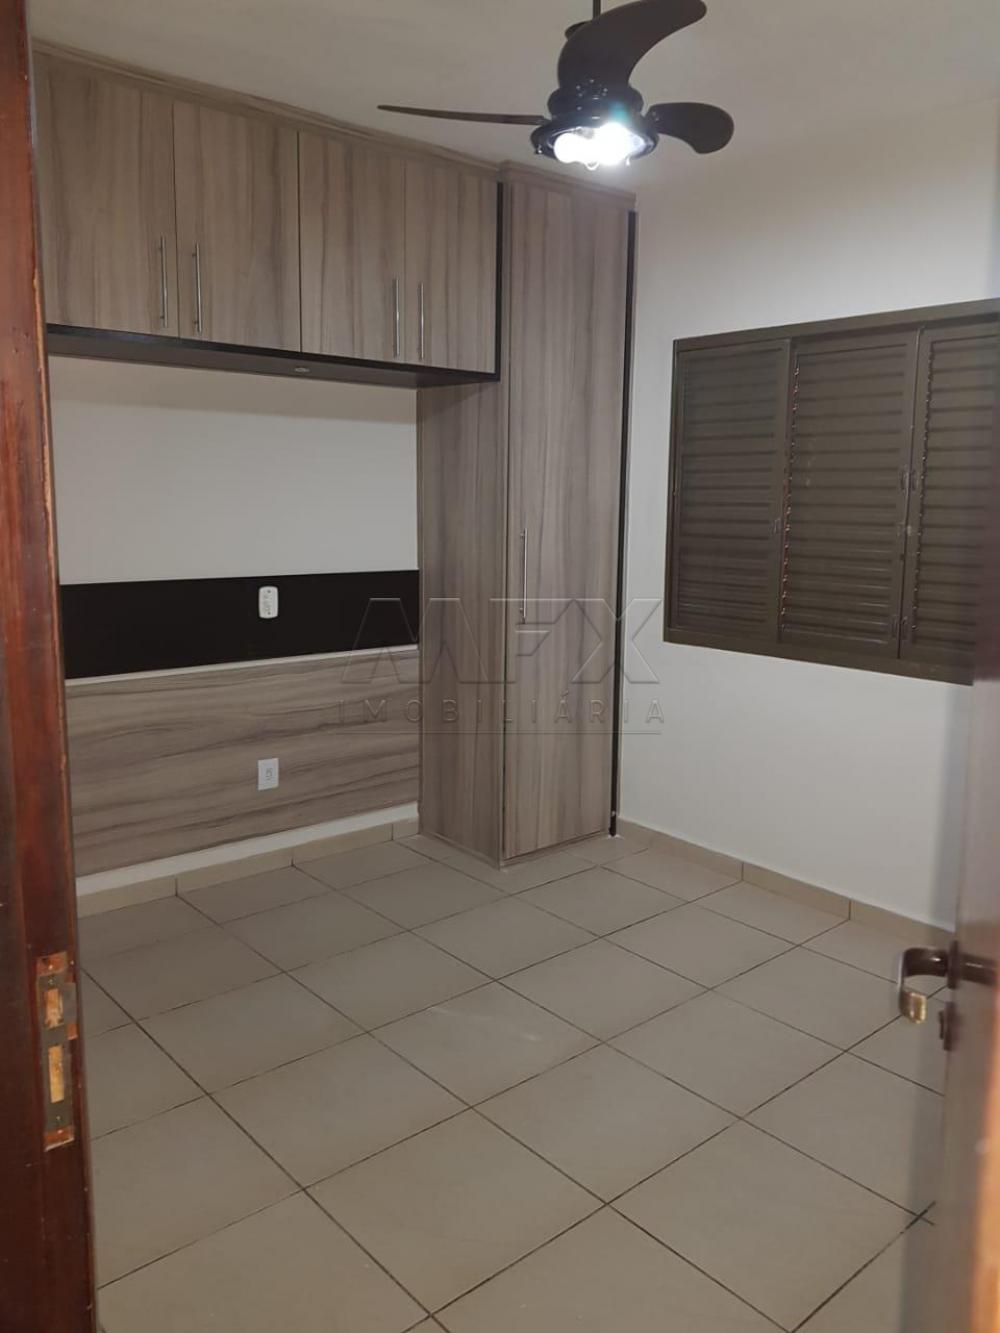 Comprar Casa / Padrão em Bauru apenas R$ 460.000,00 - Foto 3